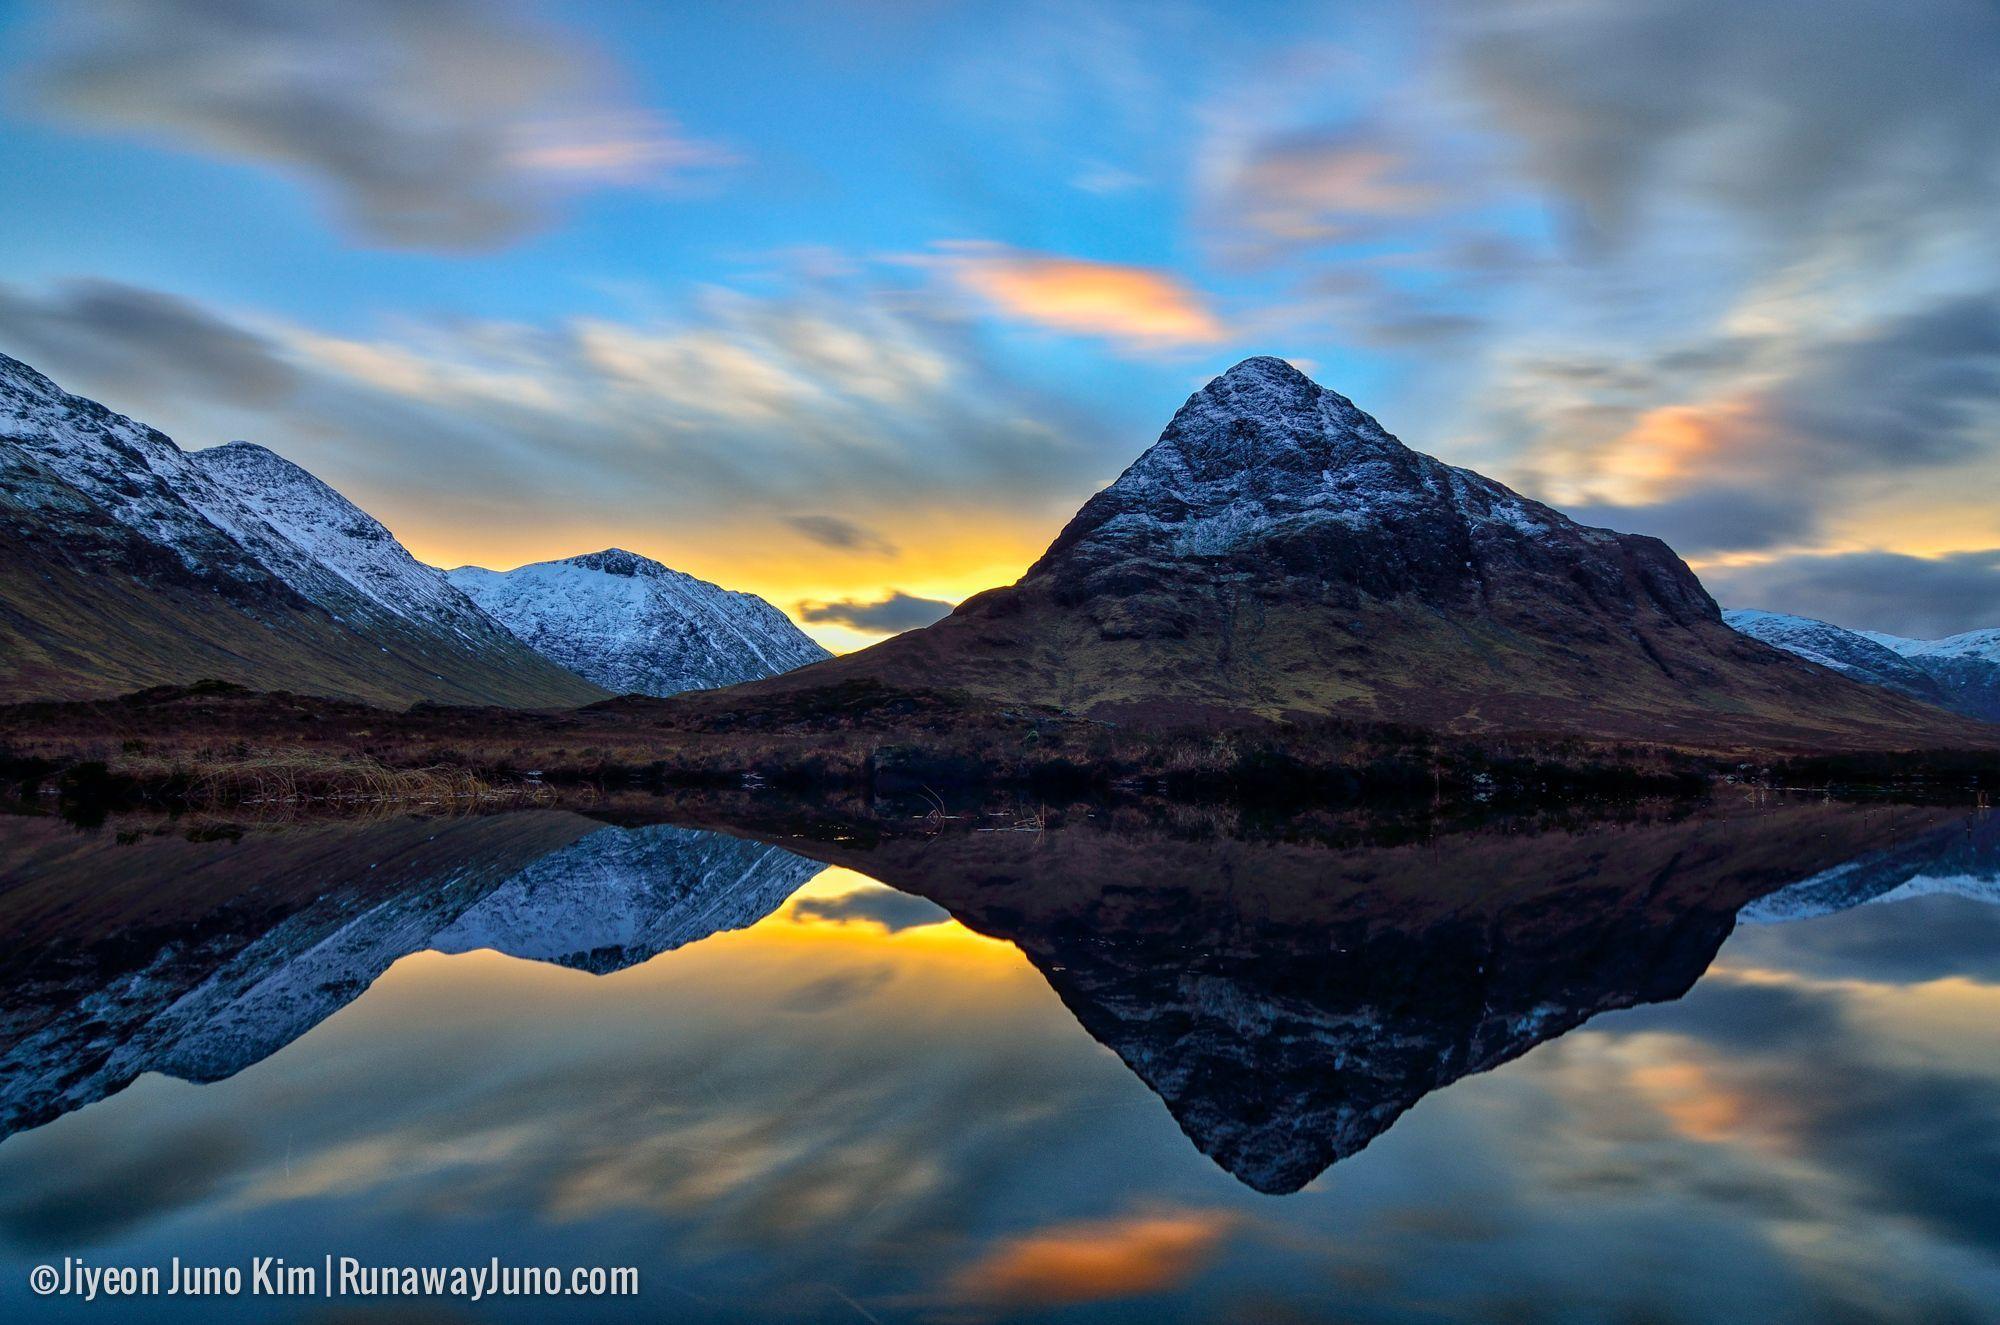 This is Glen Coe, Scotland